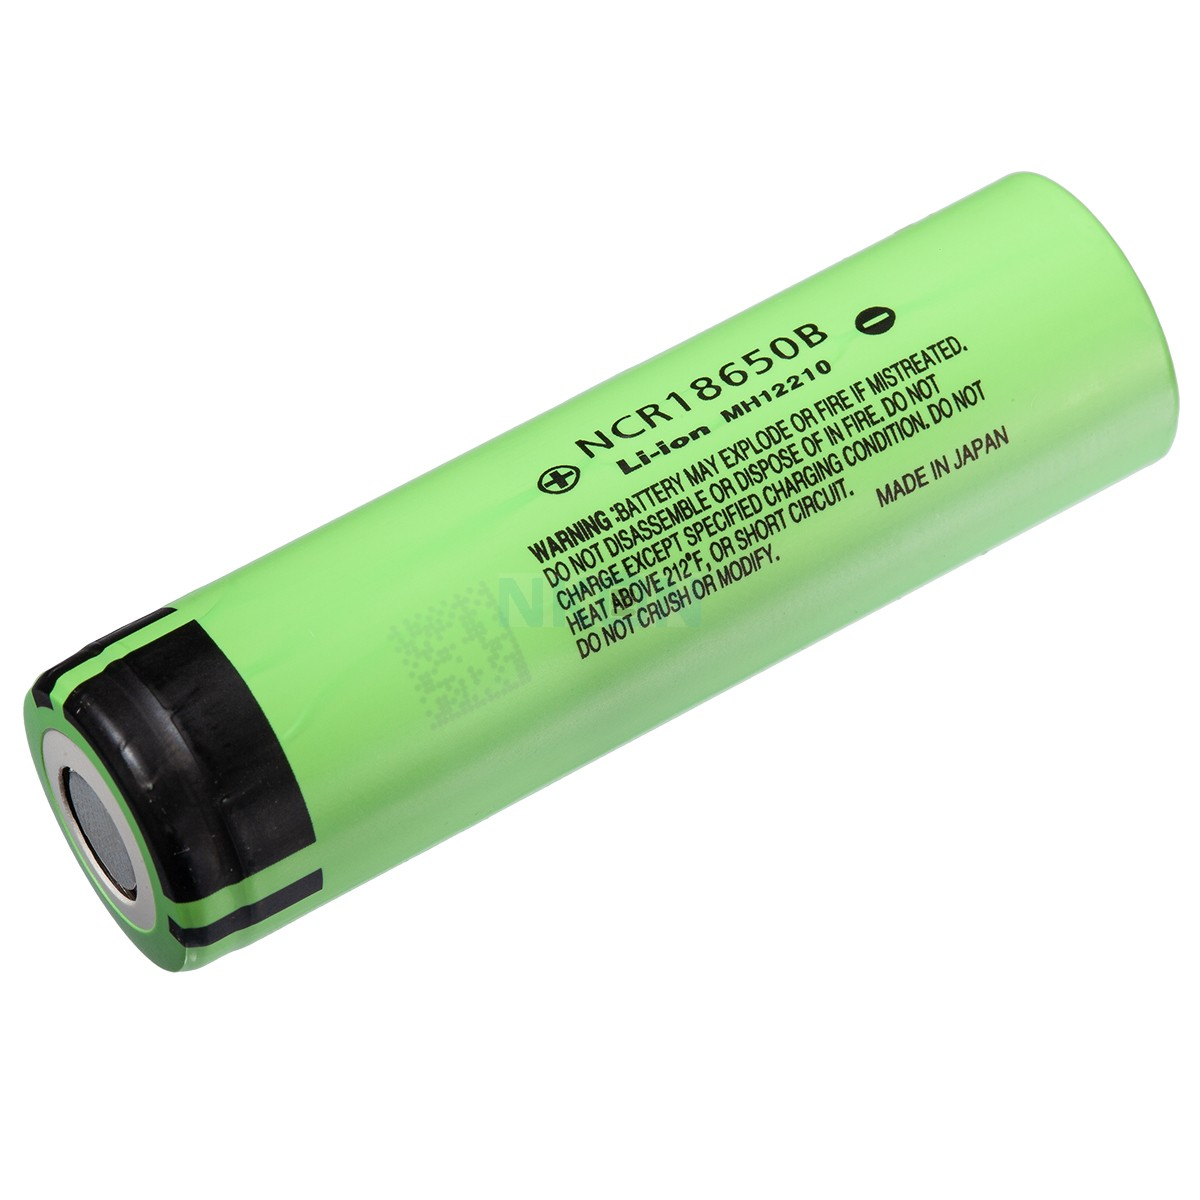 PANASONIC NCR18650B 3400mAh 18650 battery